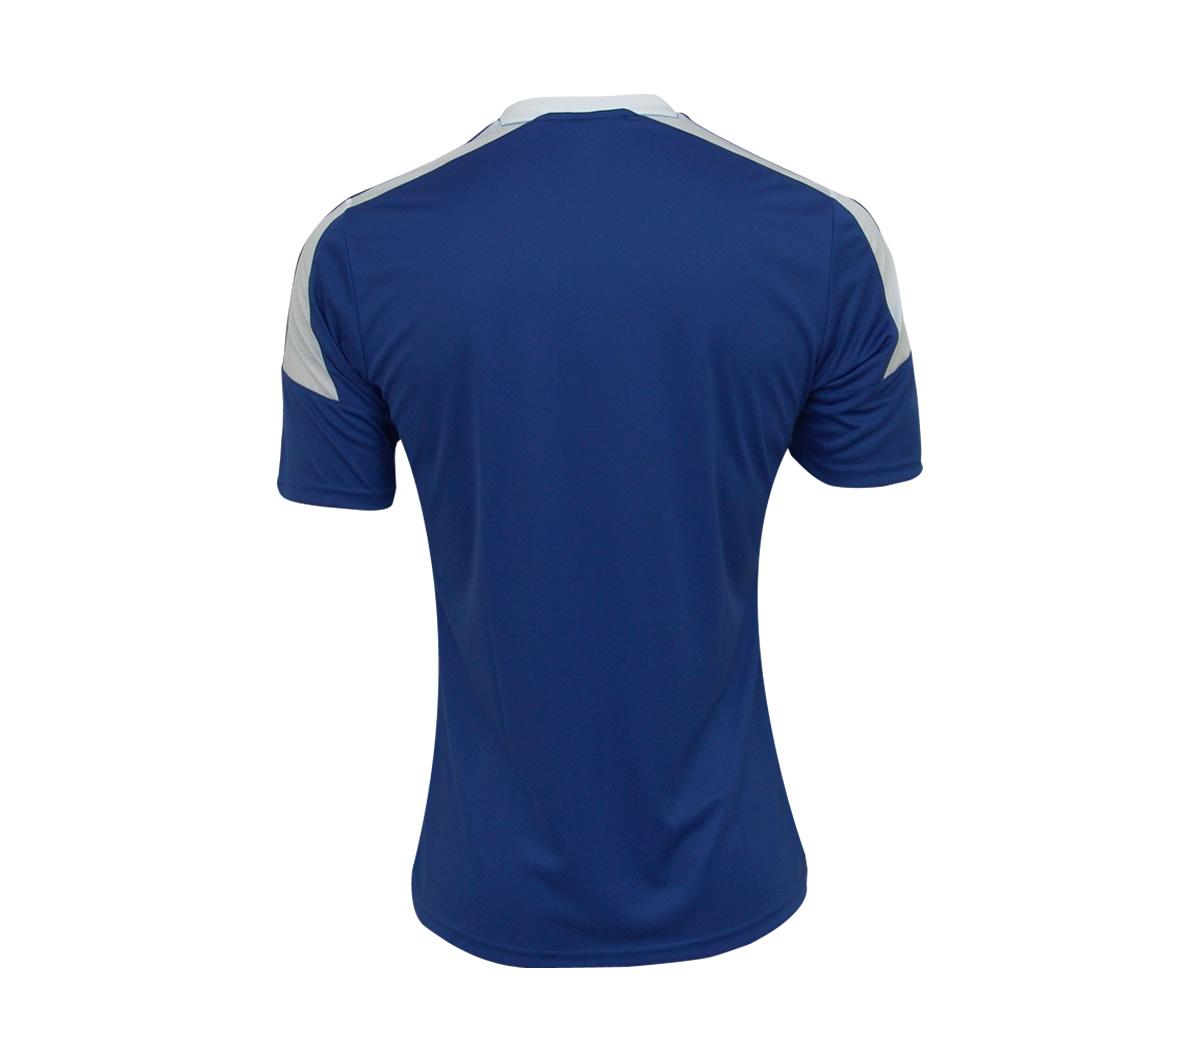 Camisa Adidas Toque 13 Azul e Branca - Mundo do Futebol da7cefffd1f72